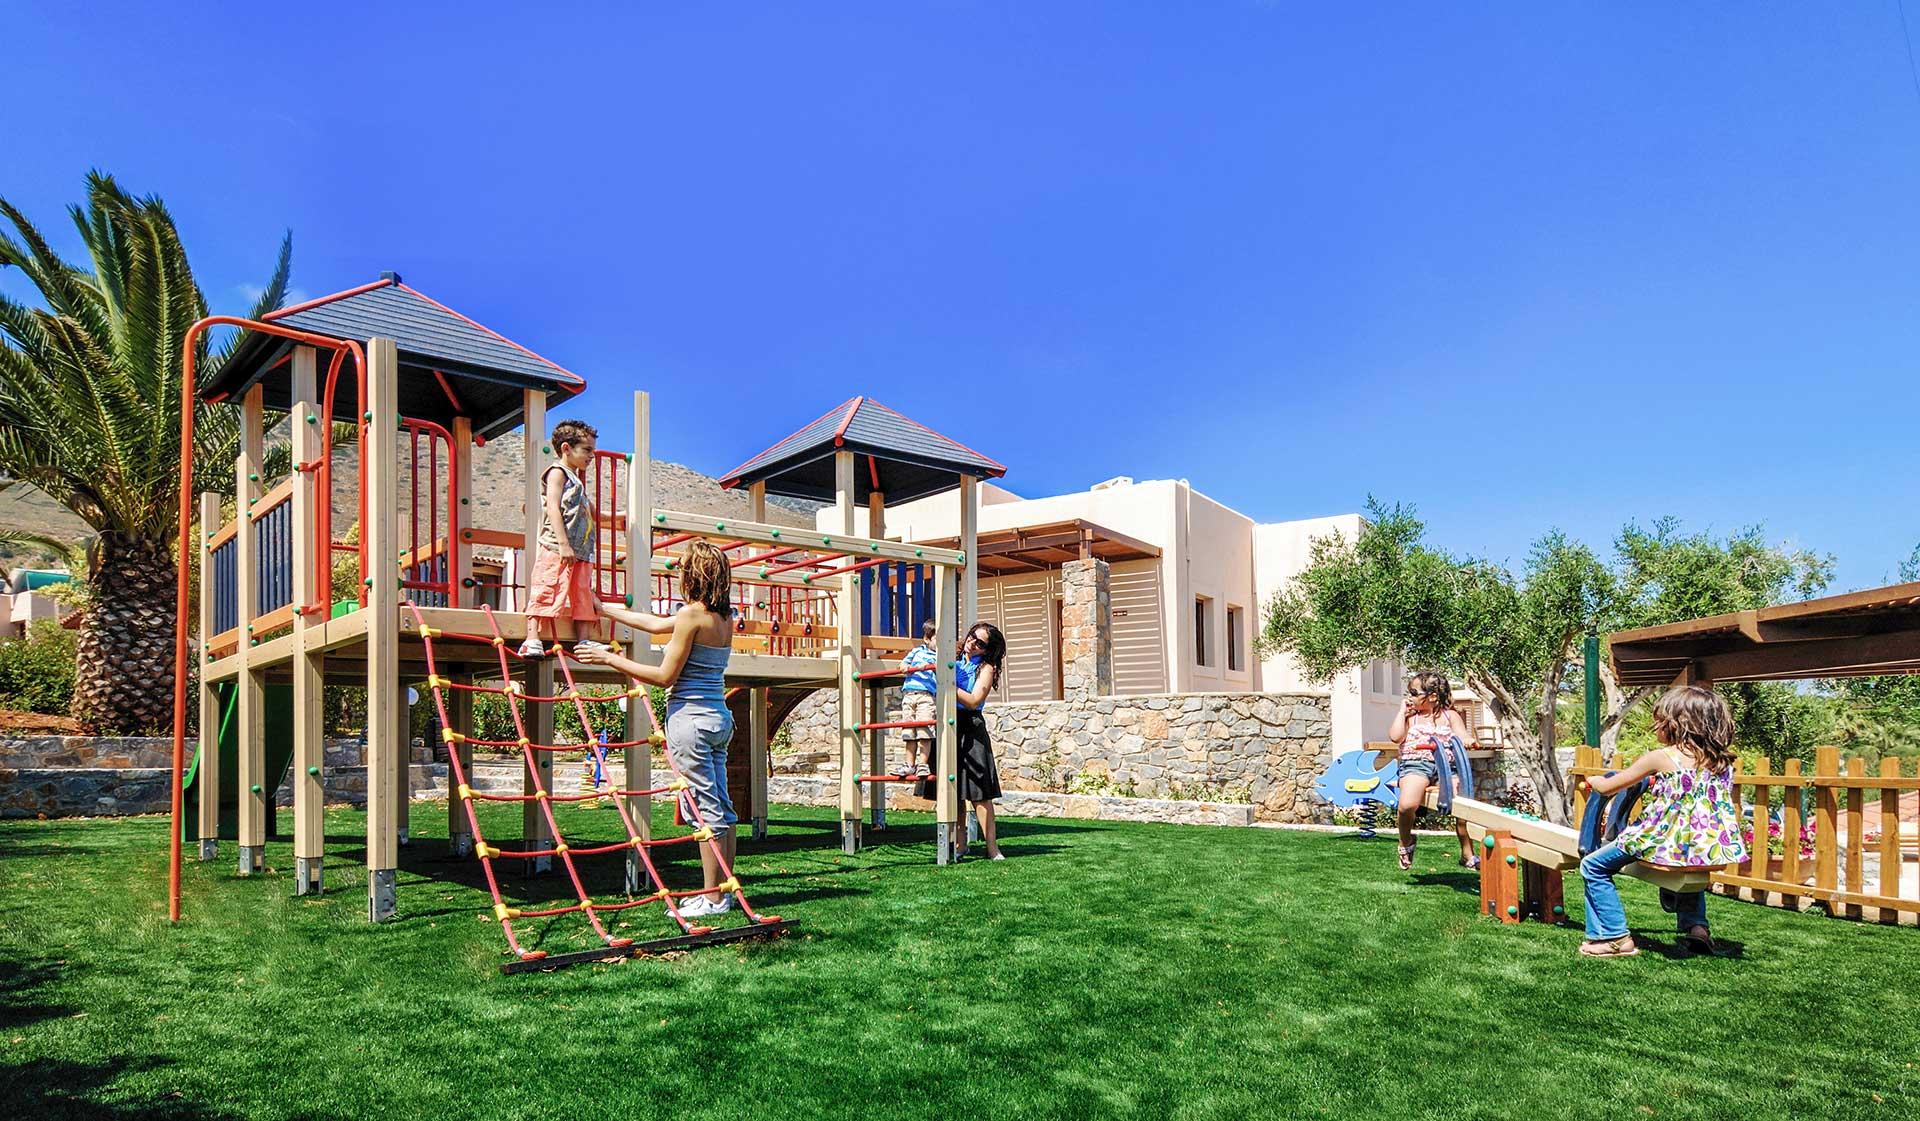 ida-village-playground-1